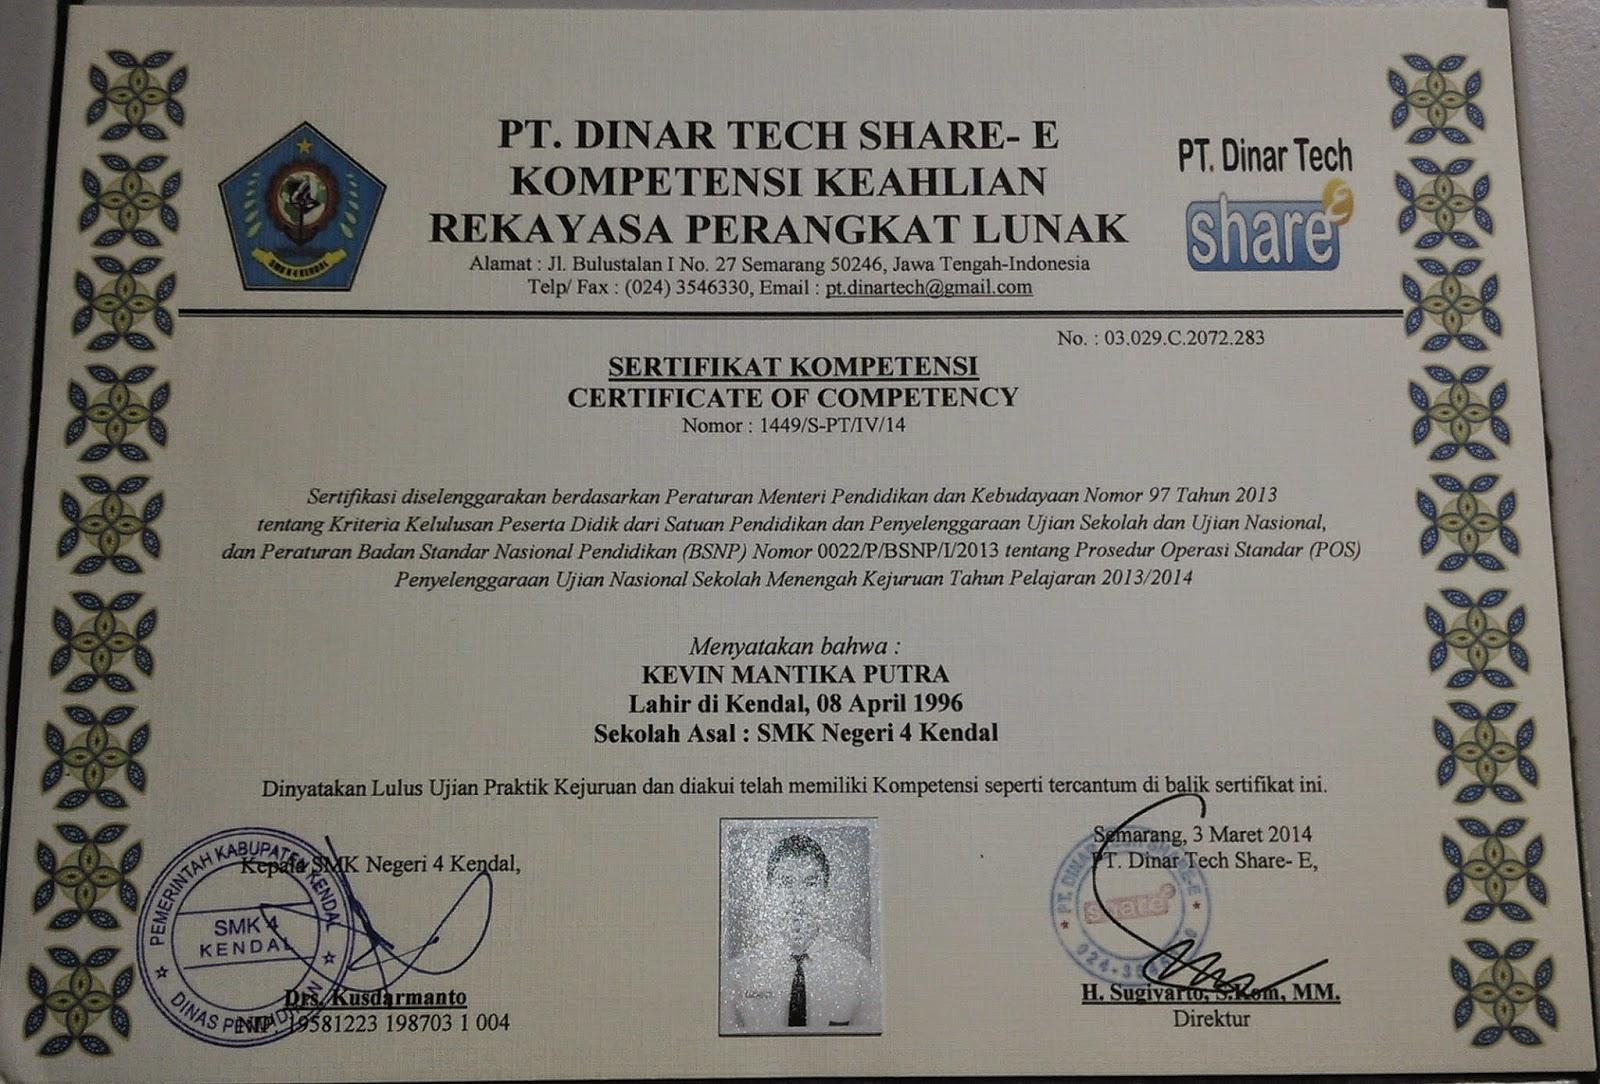 Serifikat Kompetensi Keahlian Rekayasa Perangkat Lunak